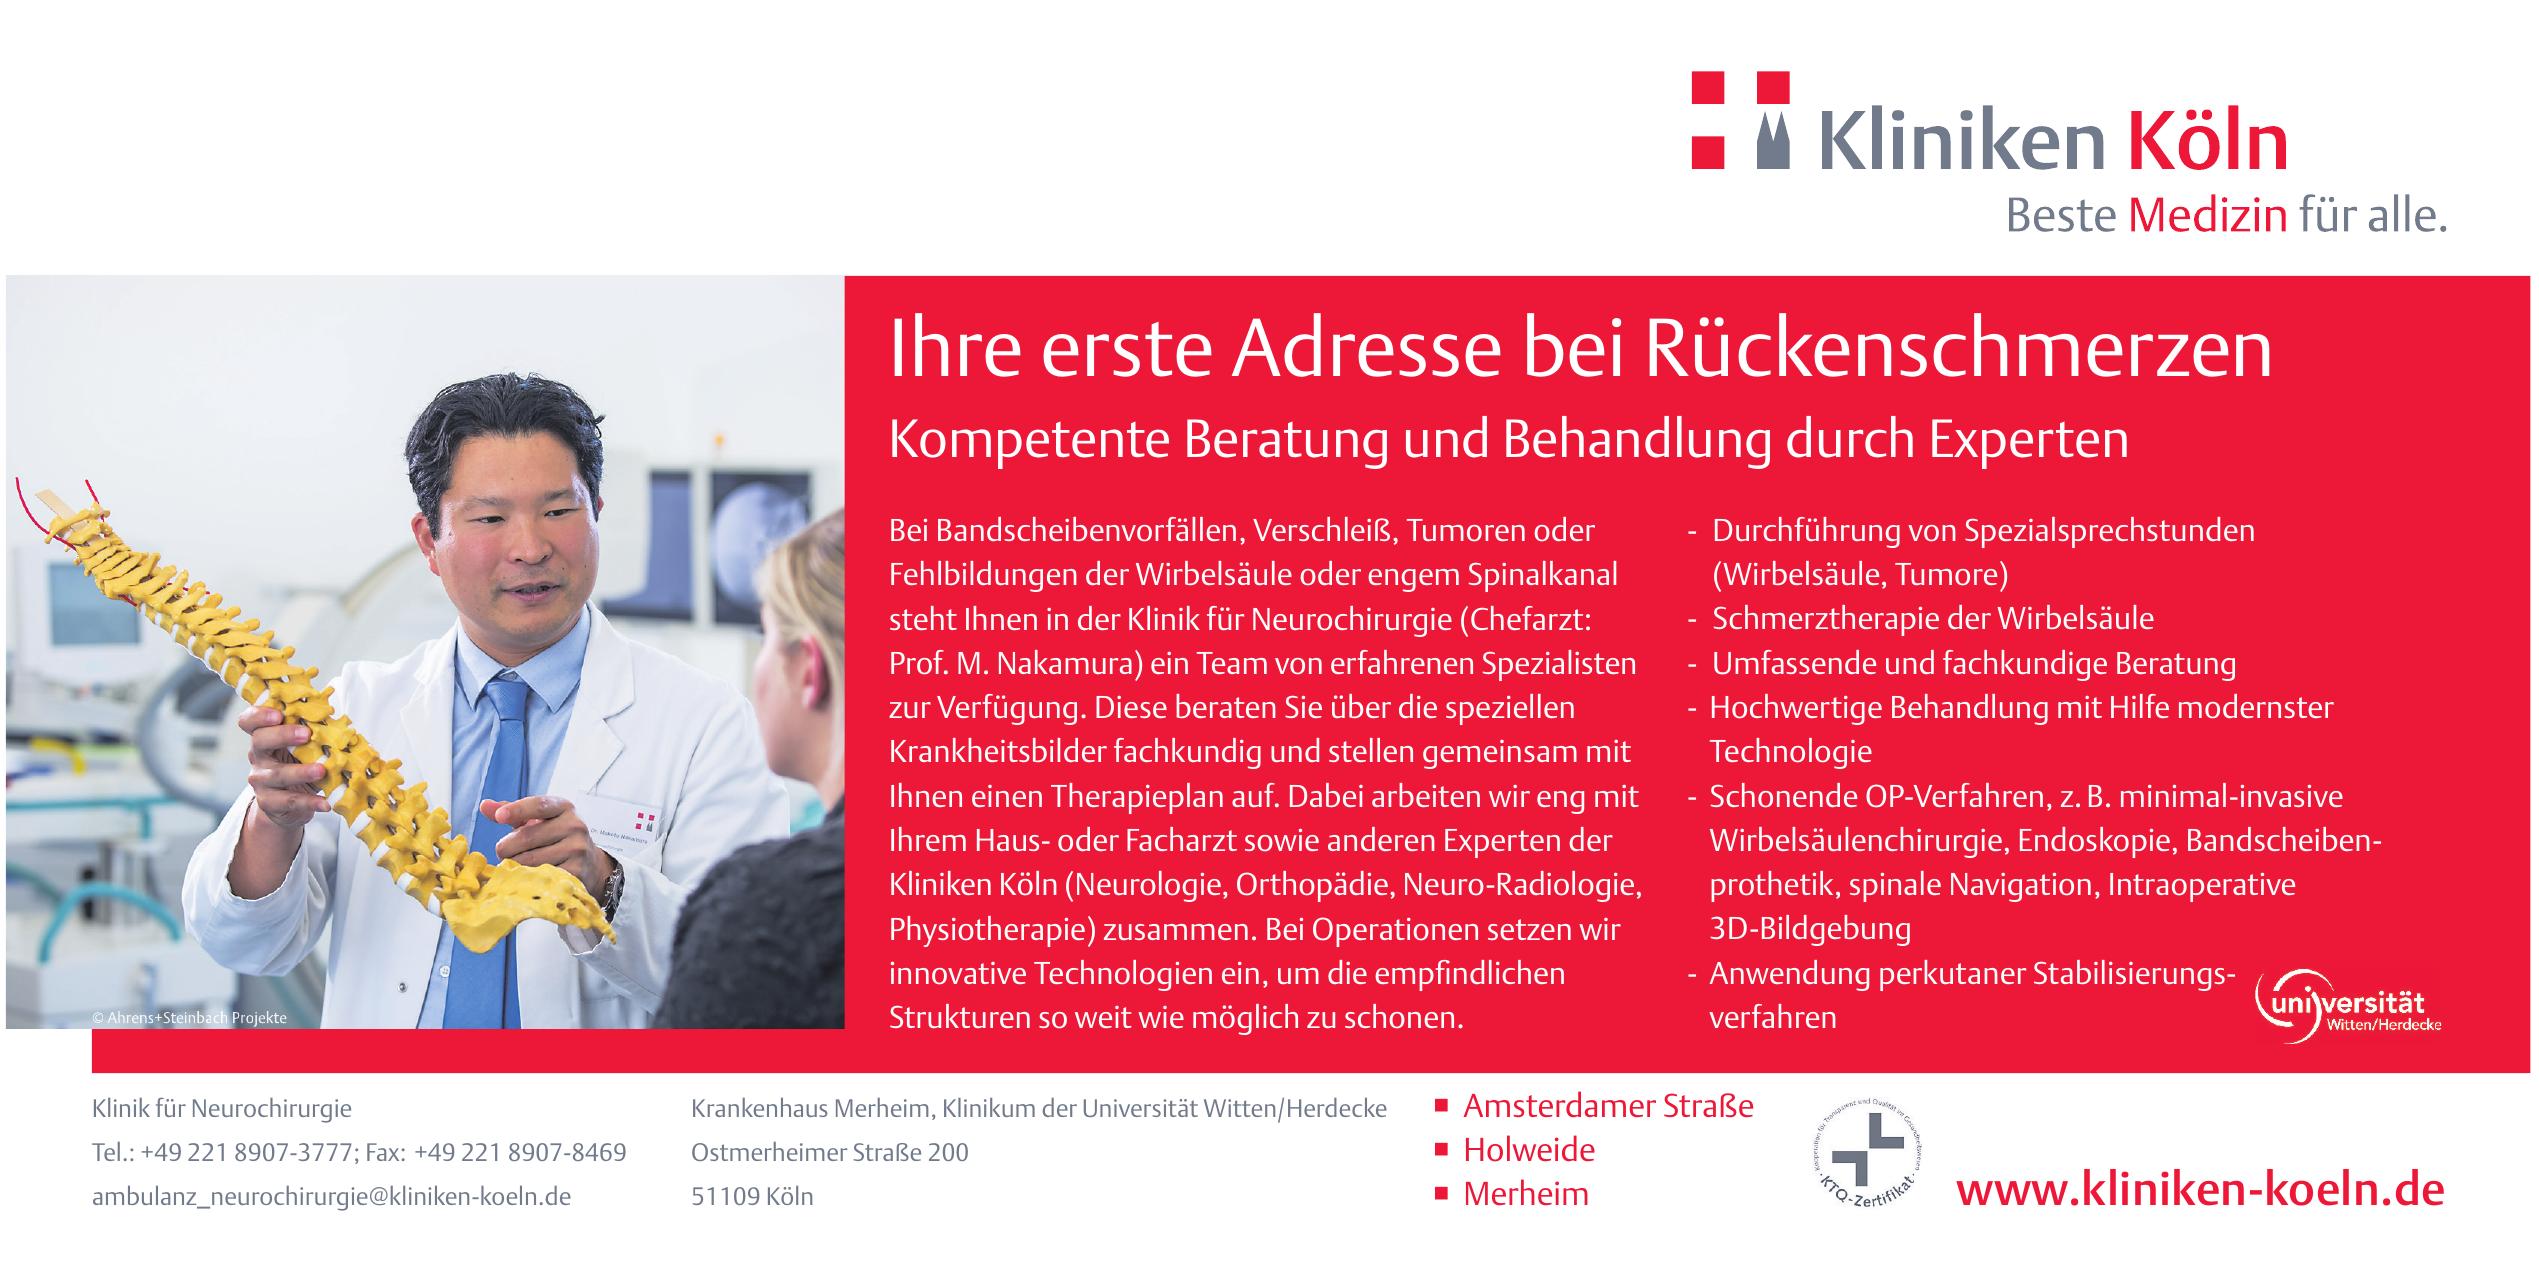 Krankenhaus Merheim, Klinikum der Universität Witten/Herdecke - Klinik für Neurochirurgie